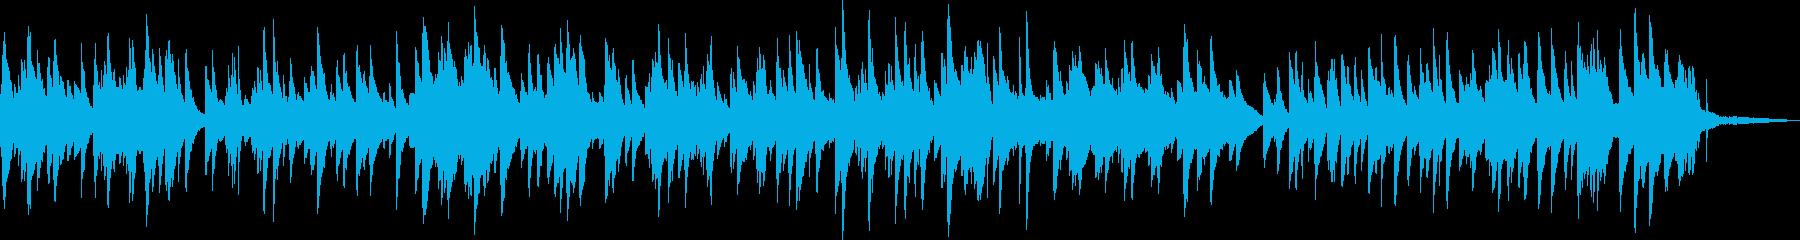 ロマンチックなピアノソロ(主張はしない)の再生済みの波形